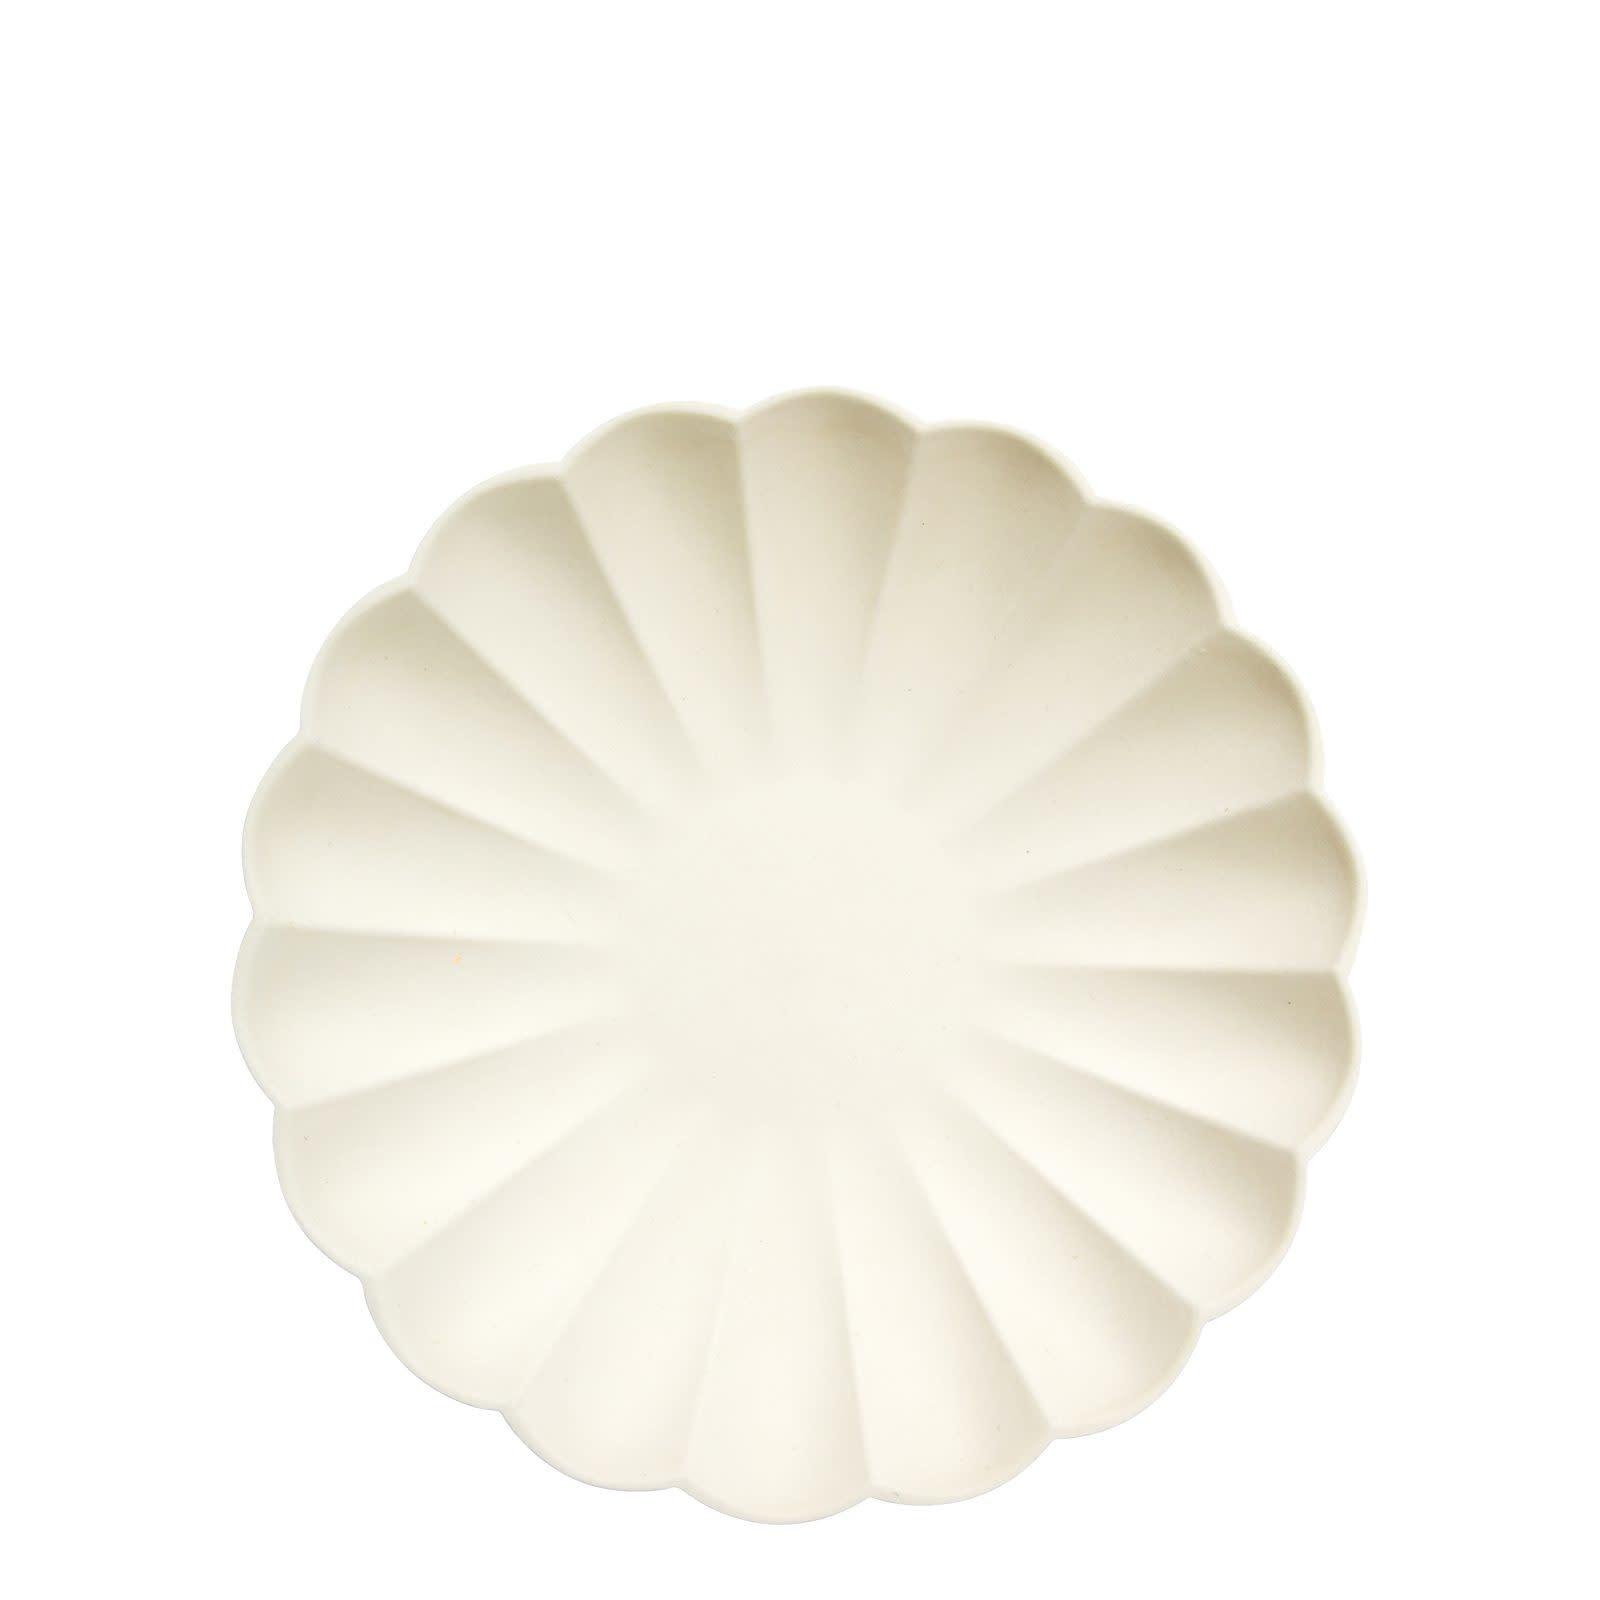 MERIMERI Cream simply eco plates S